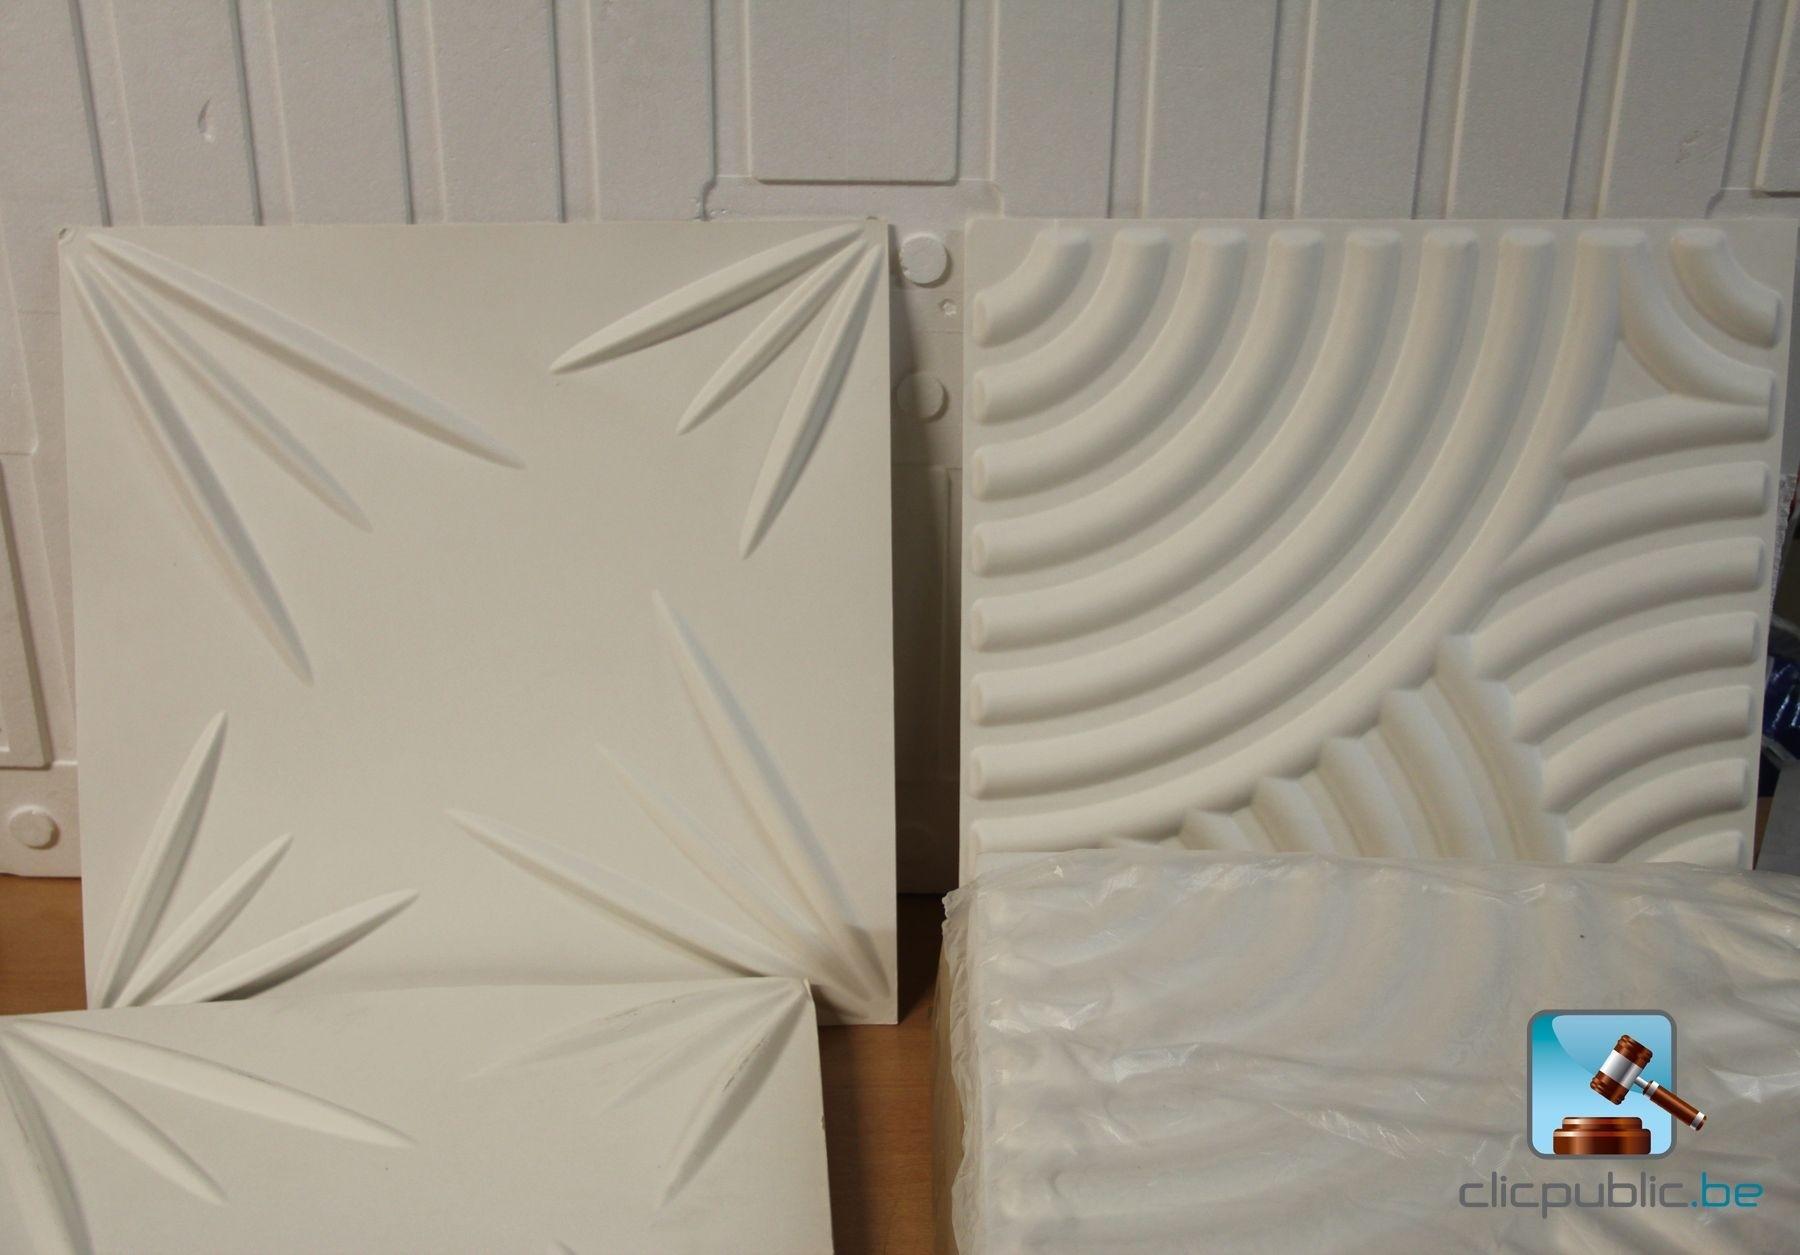 Panneaux muraux d coratifs 3d total 9m2 ref 7003 25 vendre sur clicpub - Panneaux muraux decoratifs 3d ...